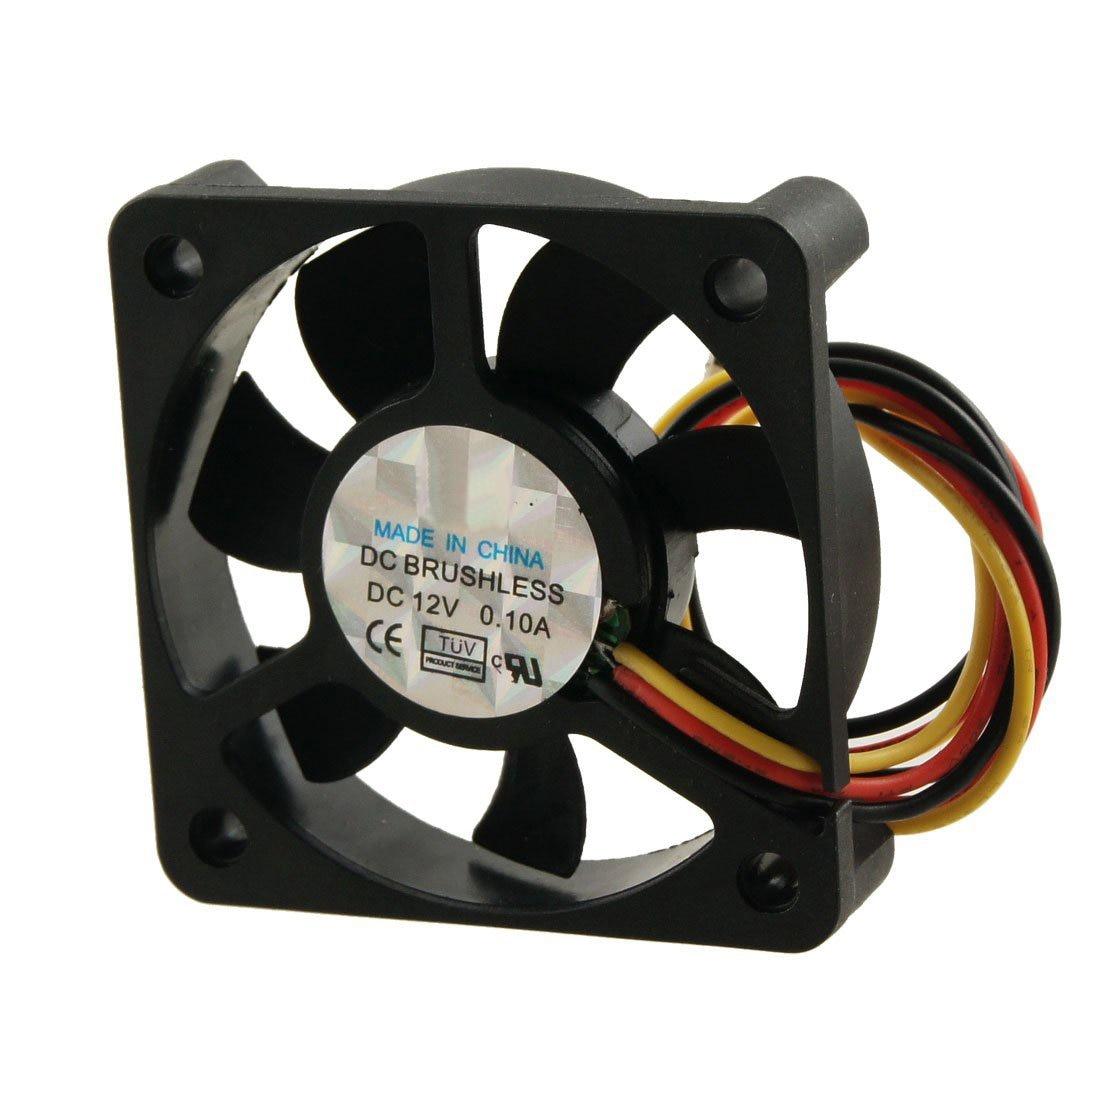 1x 12 V Refroidisseur Sans Balai Micro DC Fan 25*10mm Mini Refroidissement Ordinateur Portable Ventilateur